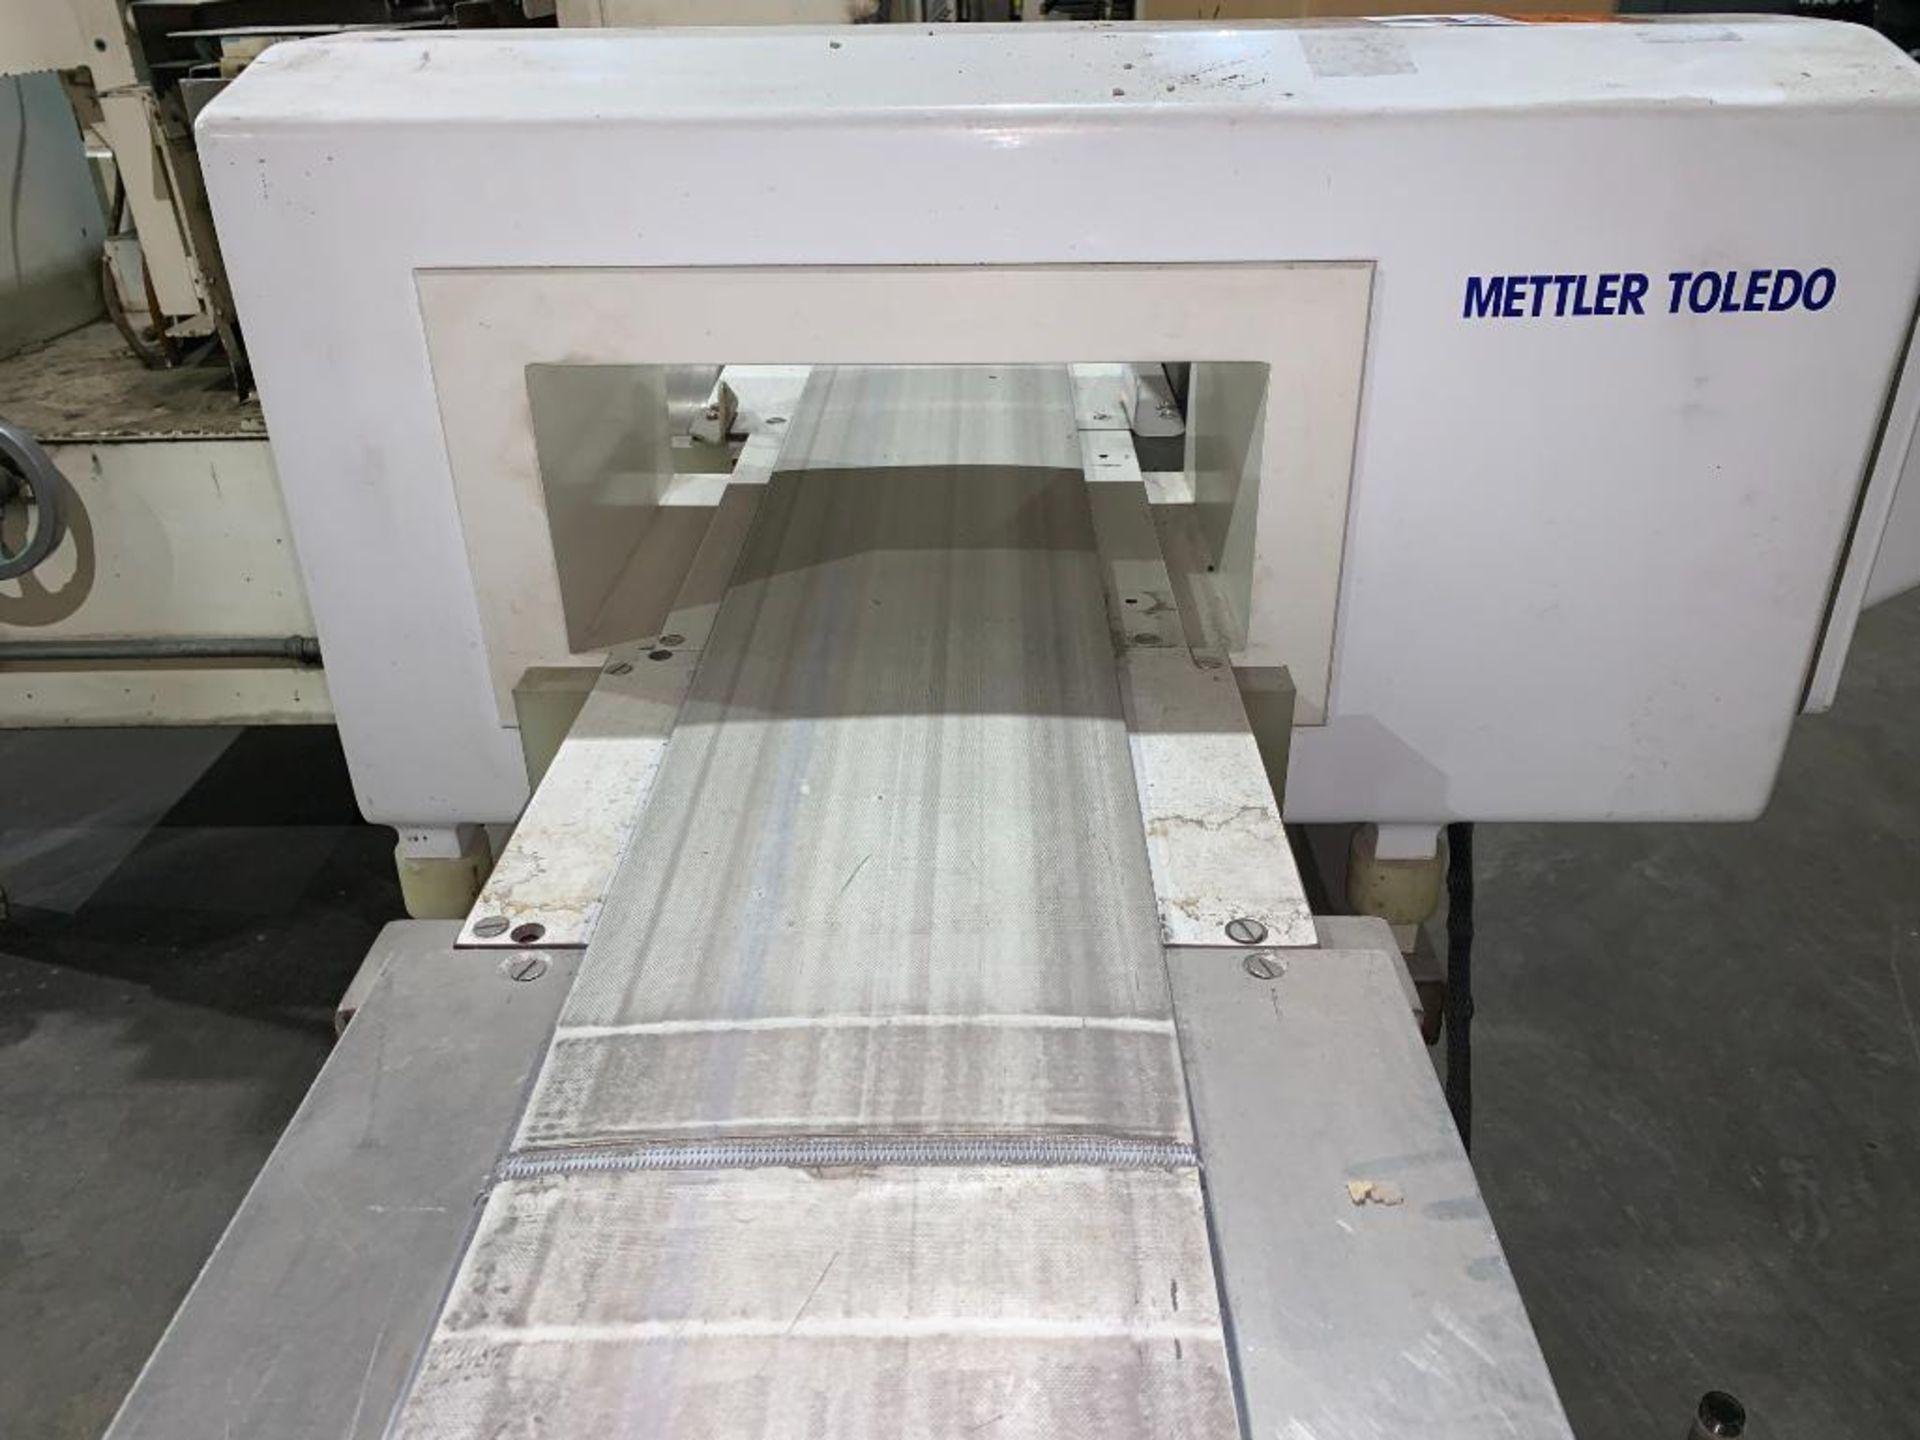 Mettler Toledo metal detector - Image 19 of 24